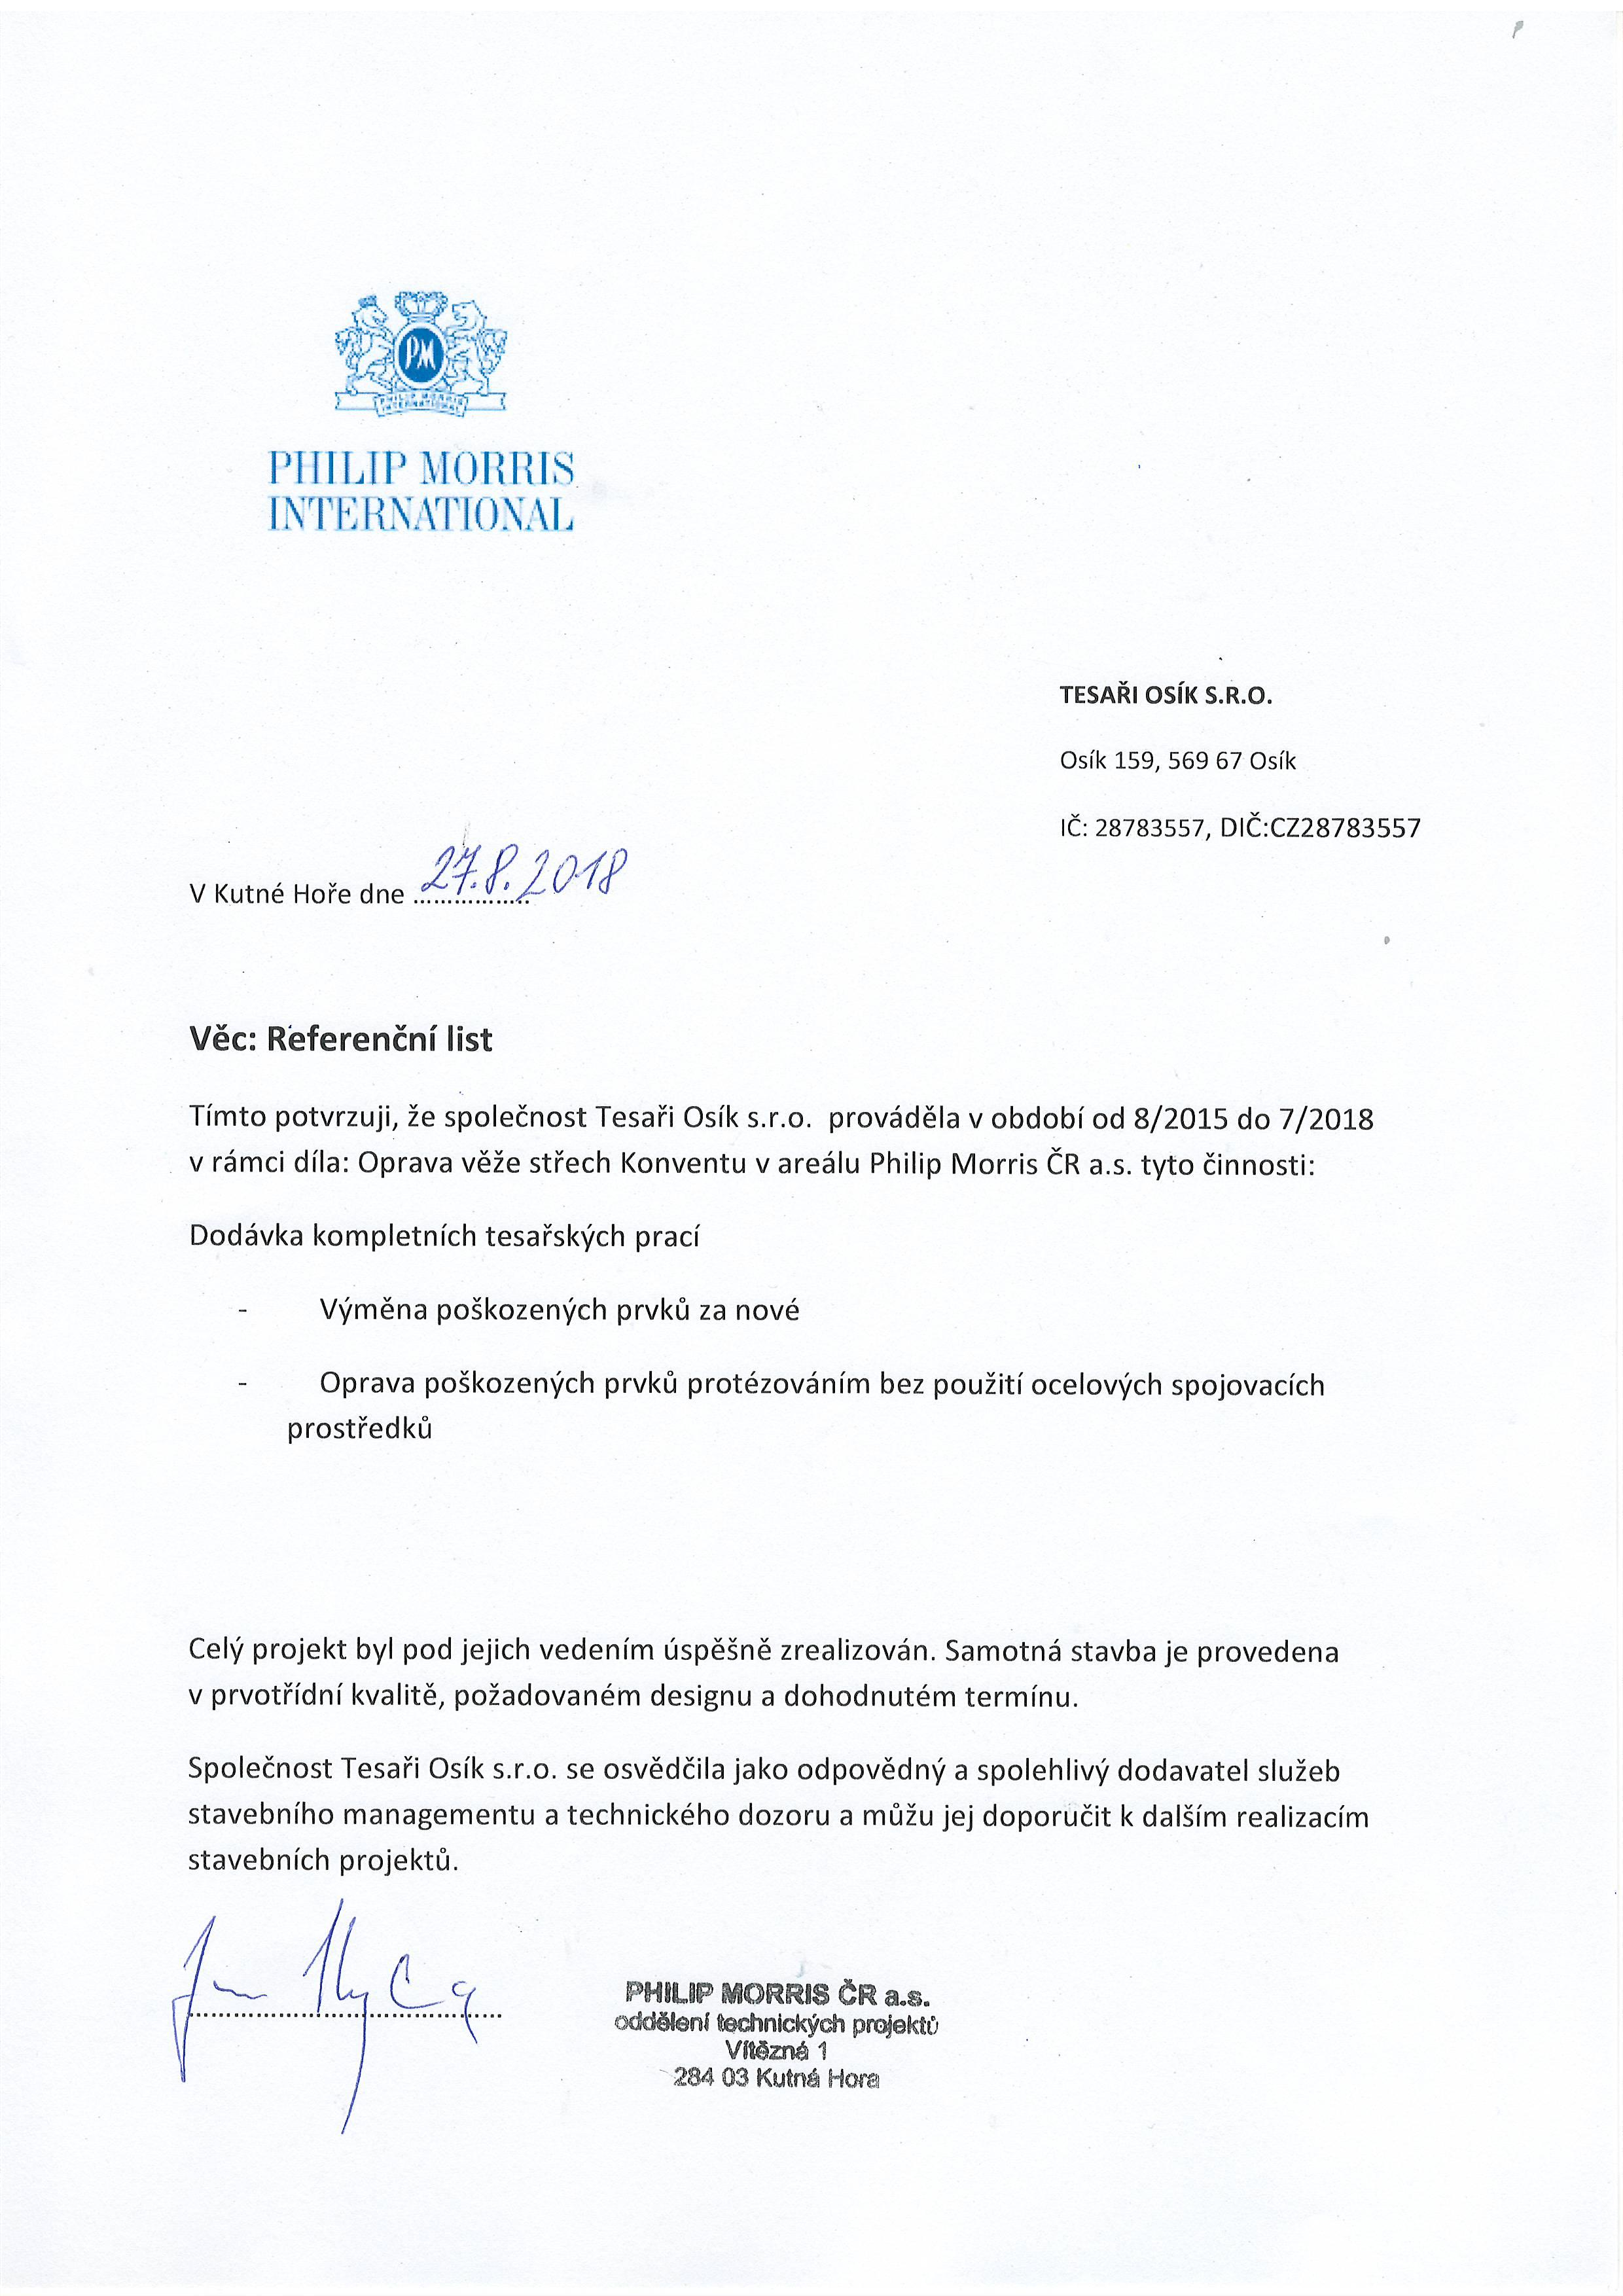 referenční list